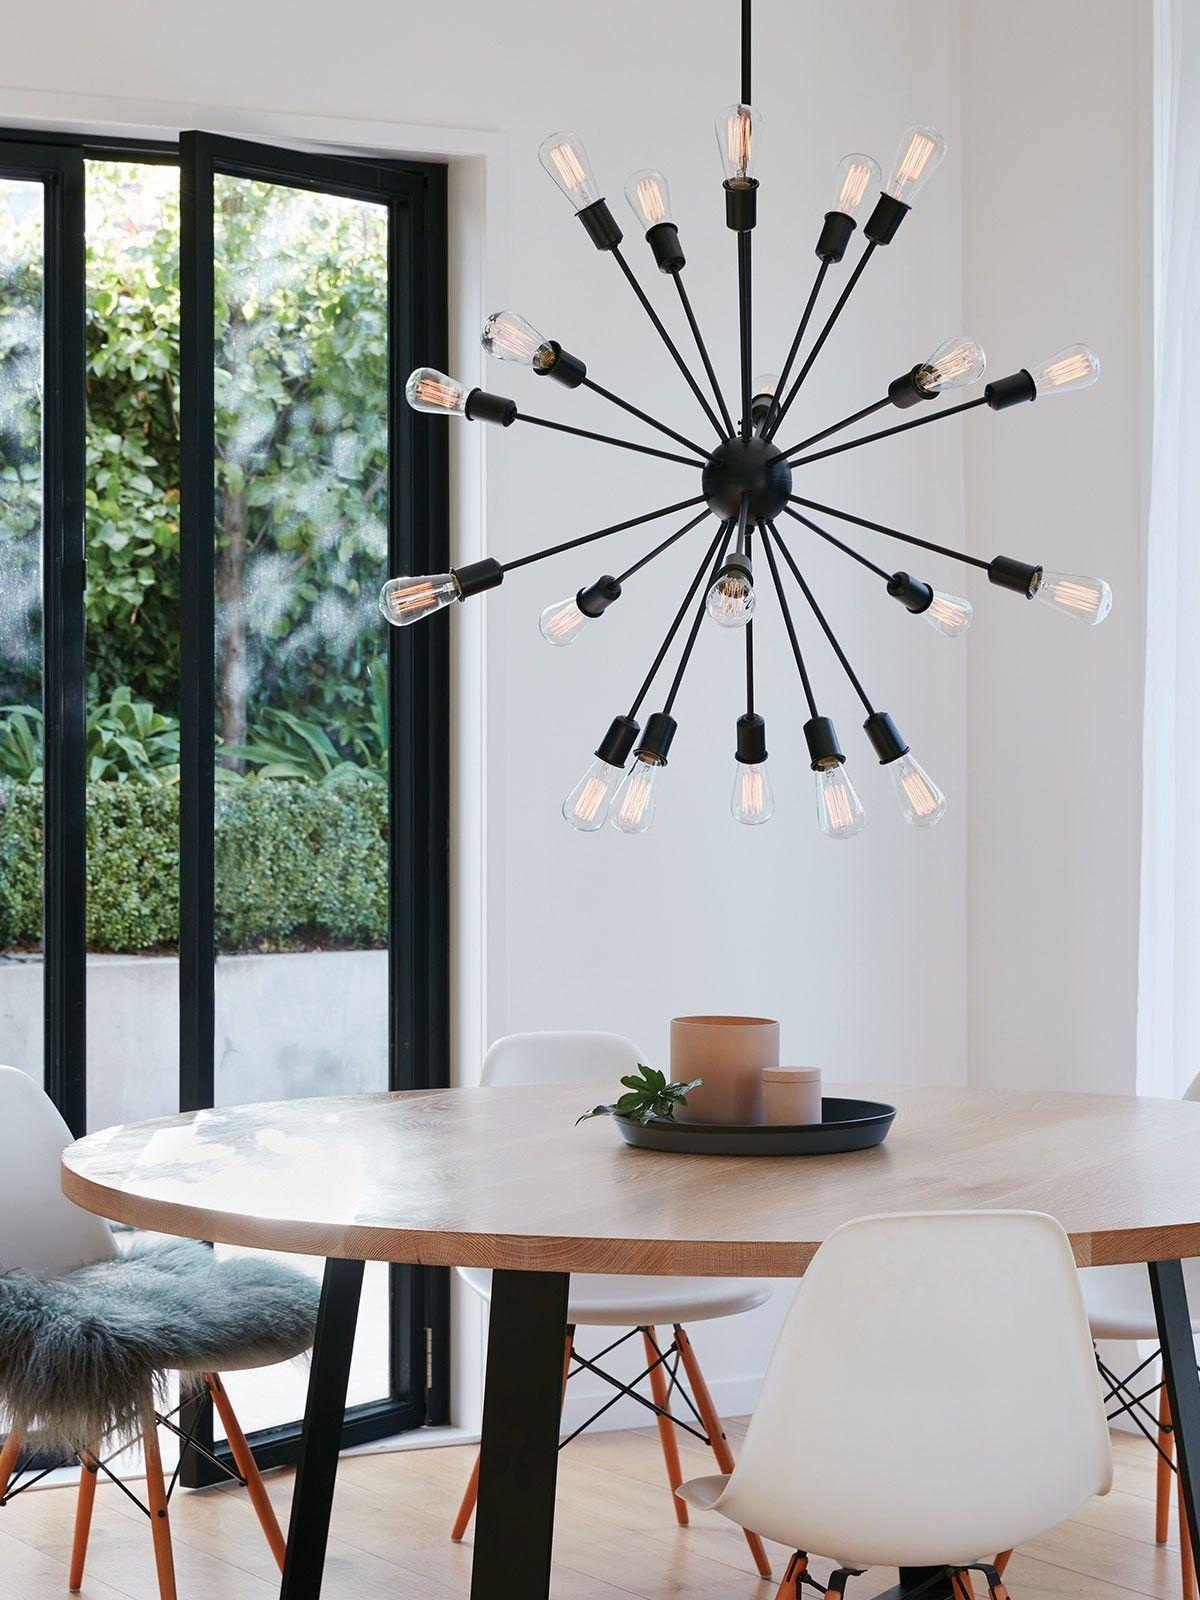 Malling 20 Light Pendant In Black  Mid Century House  Pinterest Classy Pendant Lighting For Dining Room 2018